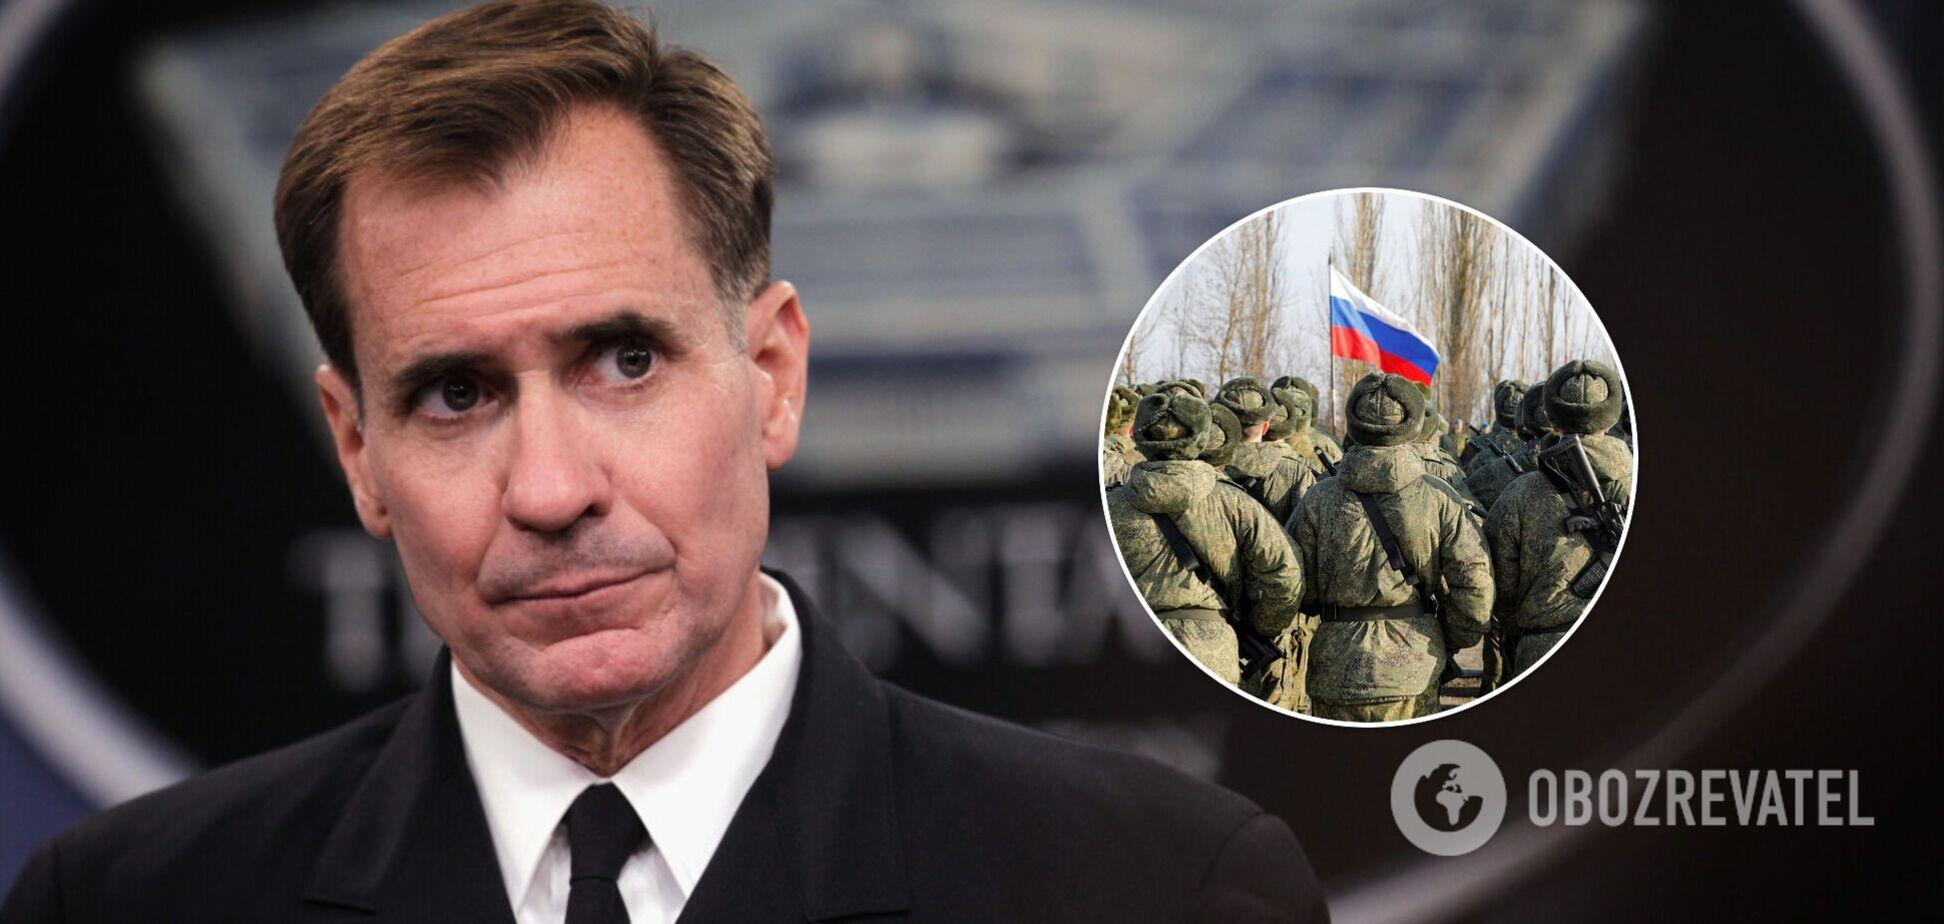 Пентагон зажадав від Росії пояснень через нарощування військ на кордоні з Україною